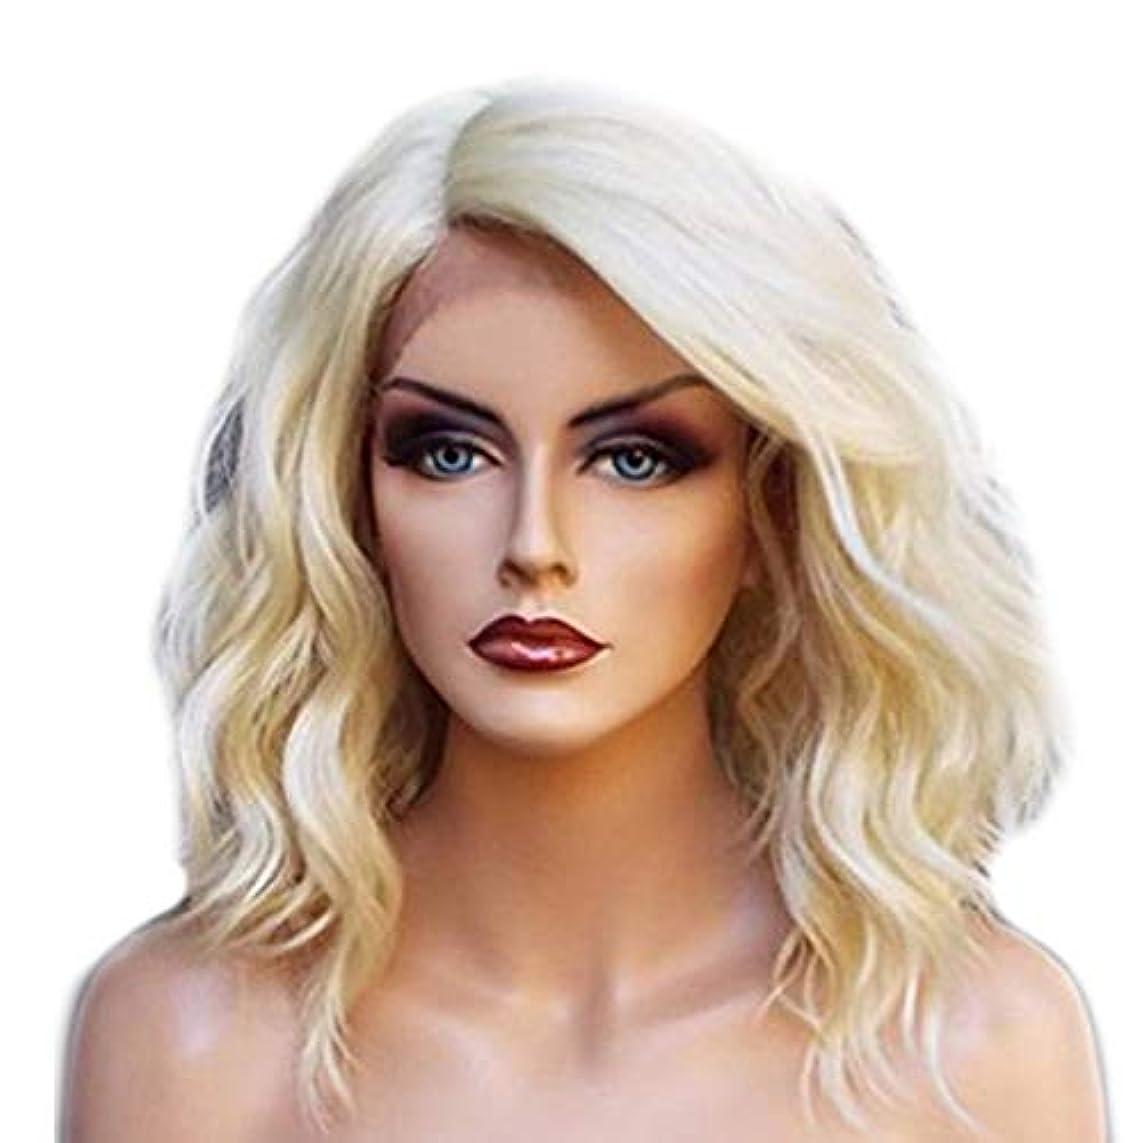 注意予言する装置YOUQIU 女子金髪ショートカーリーヘアレースフロントウィッグ自然な合成かつら毎日ウィッグを着用してください (色 : Blonde)